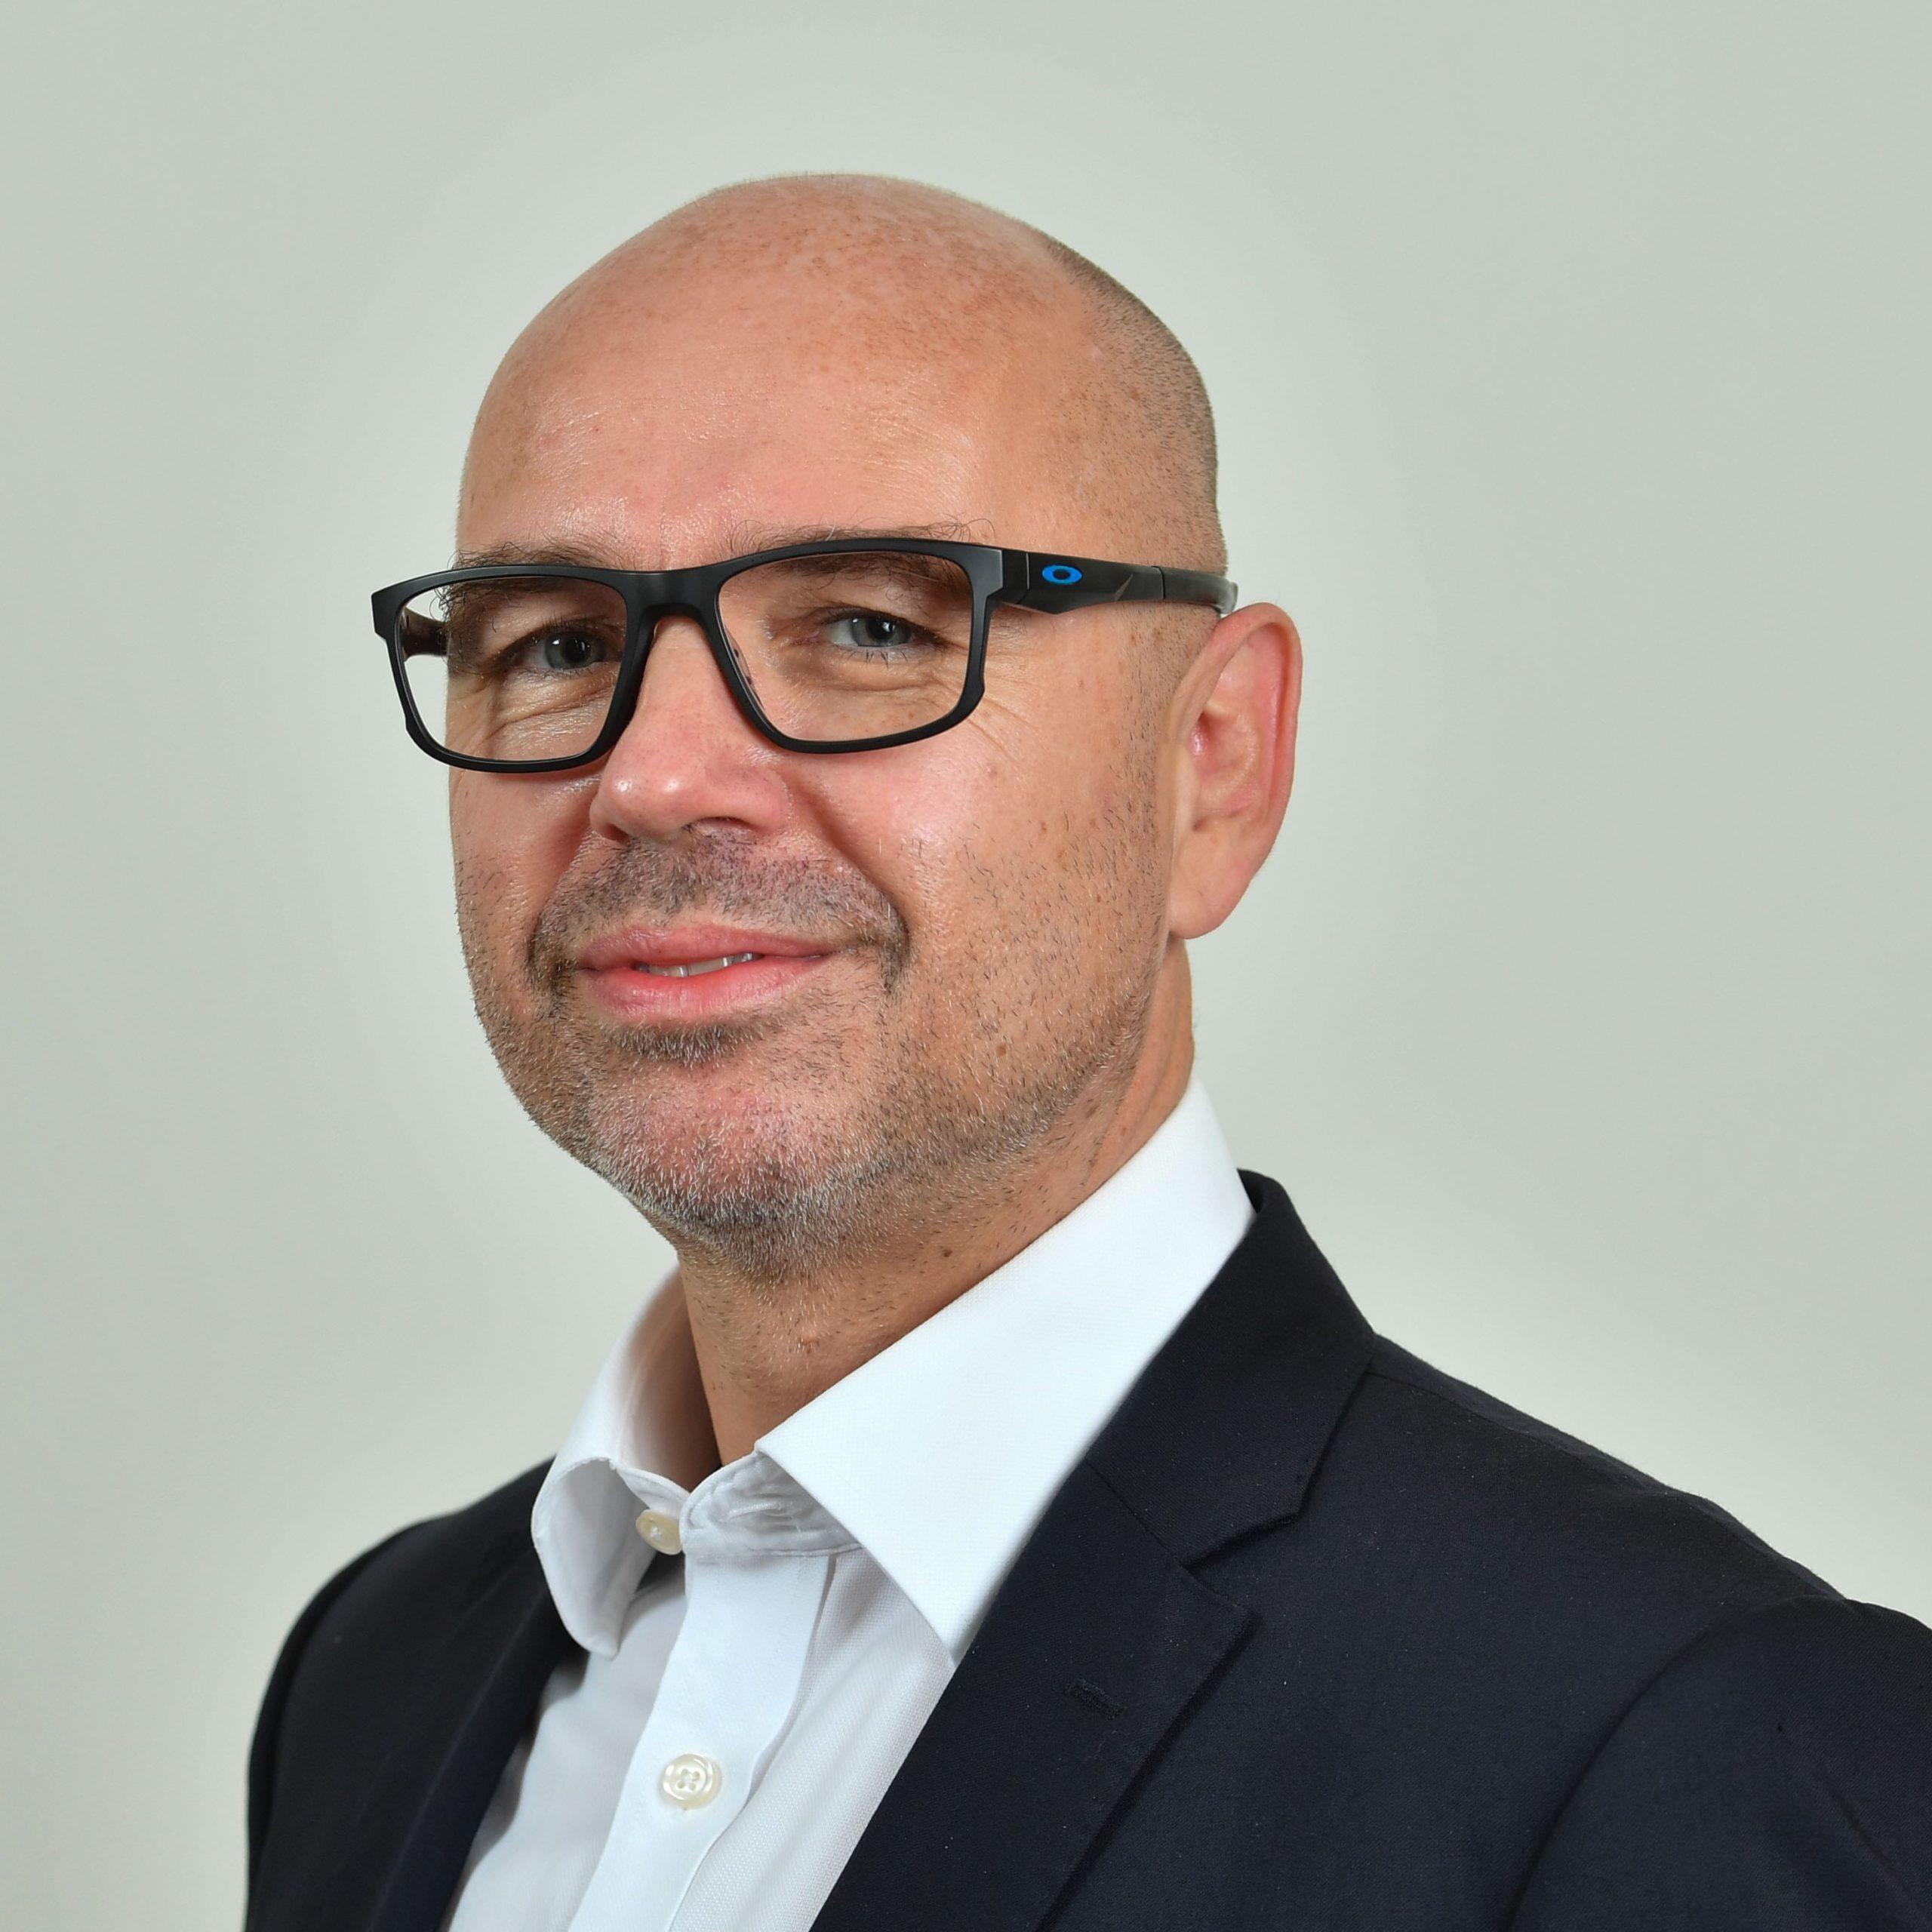 Dr. Stefan Gossens